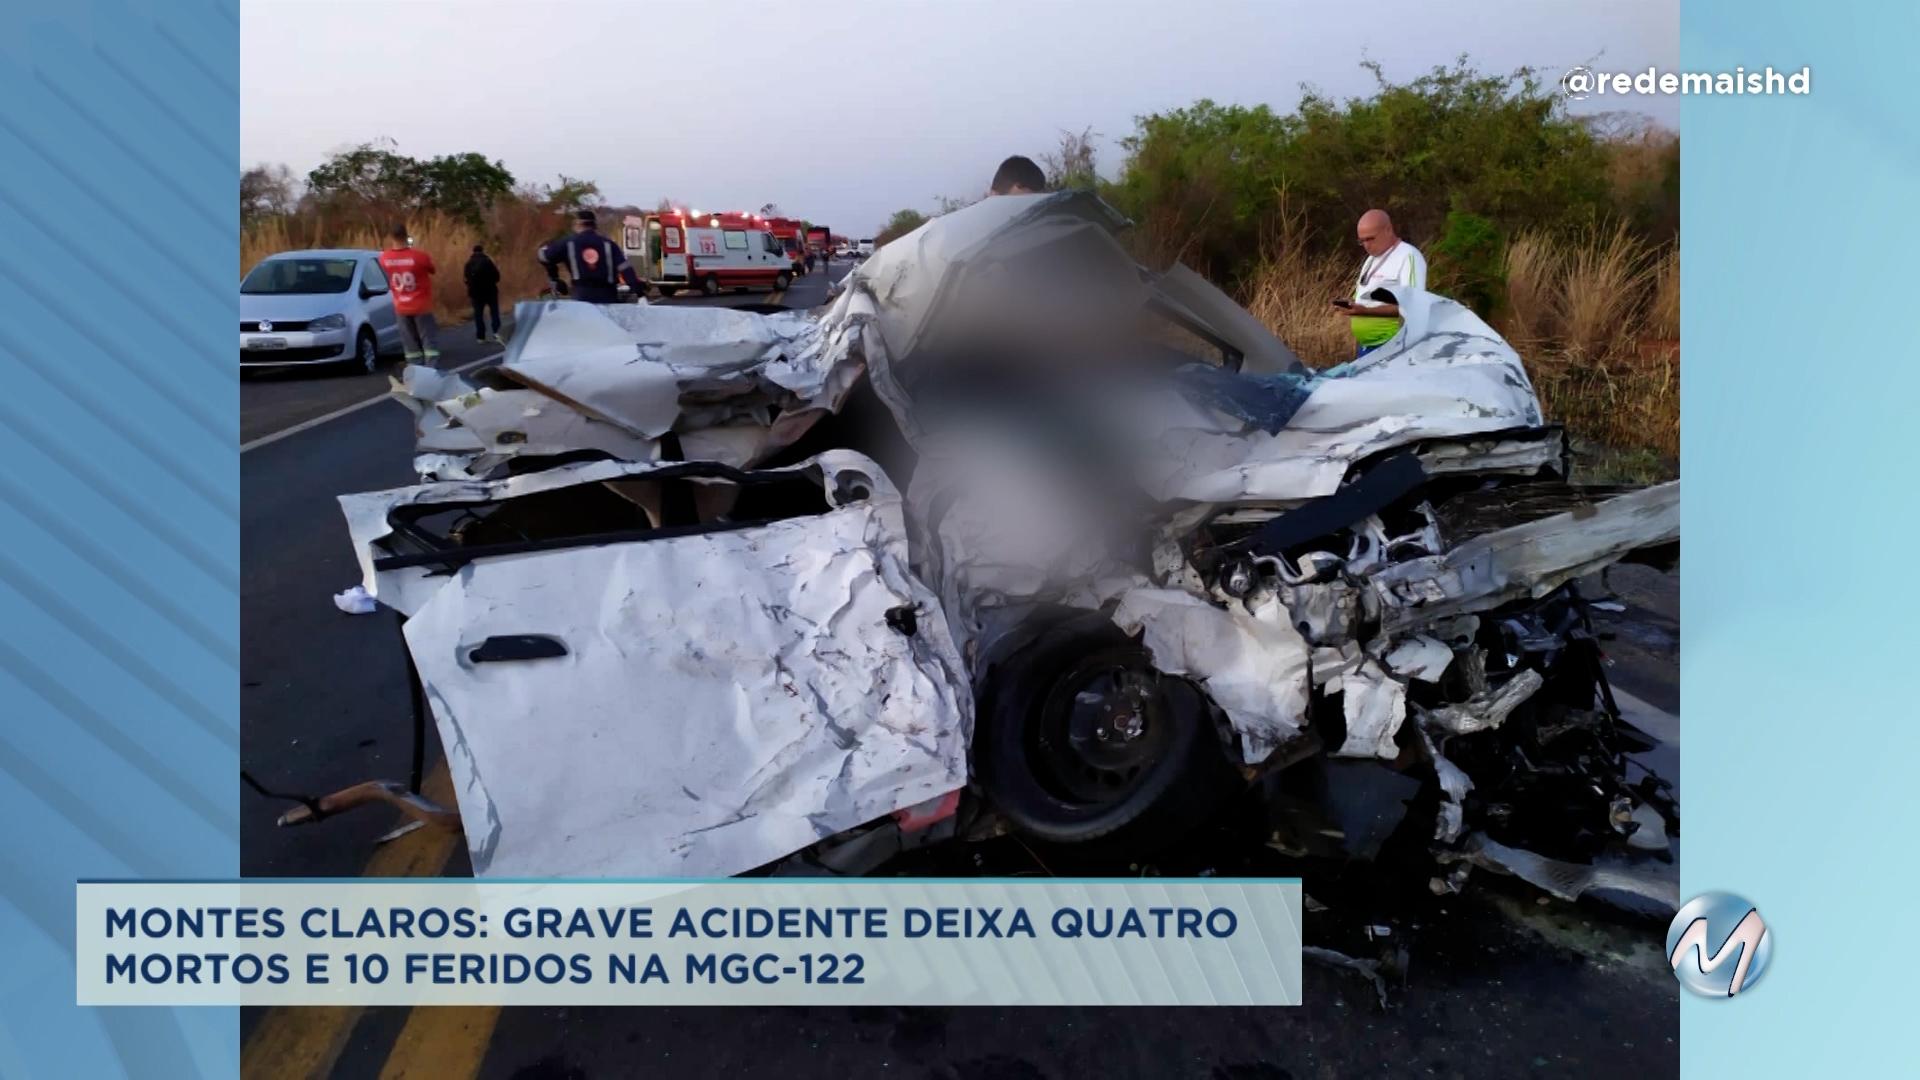 Acidente deixa 4 mortos e 10 feridos em Montes Claros